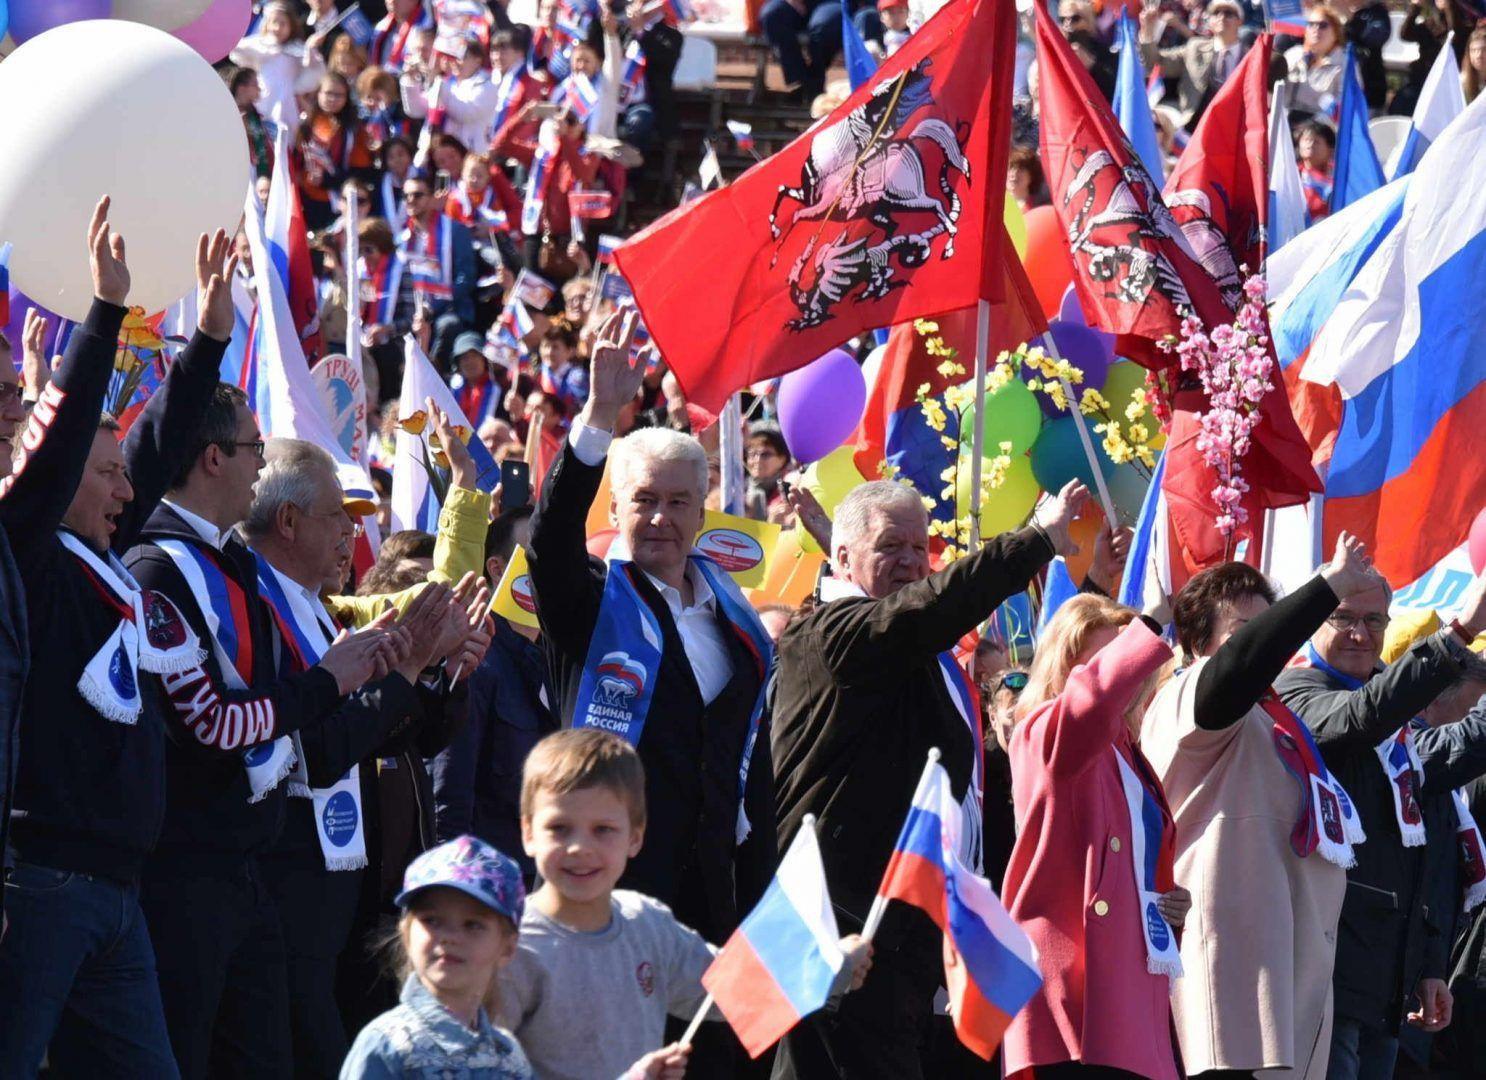 Сергей Собянин возглавил первомайское шествие. Фото: Владимир Новиков